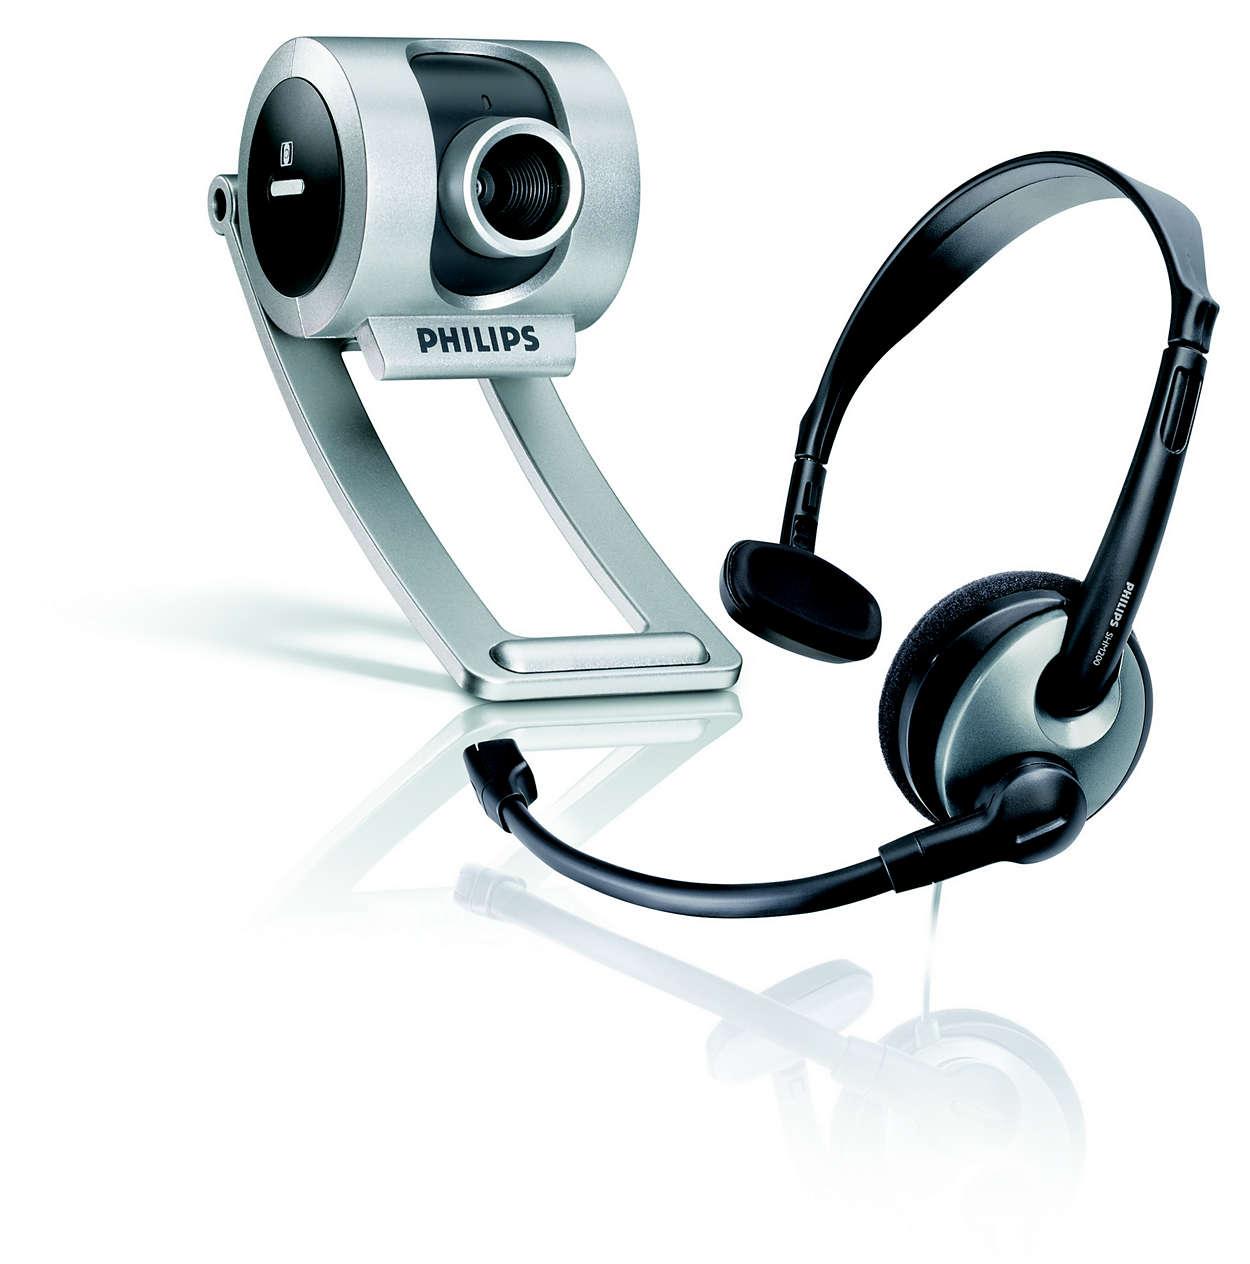 Ξεκινήστε chatting μέσω Skype